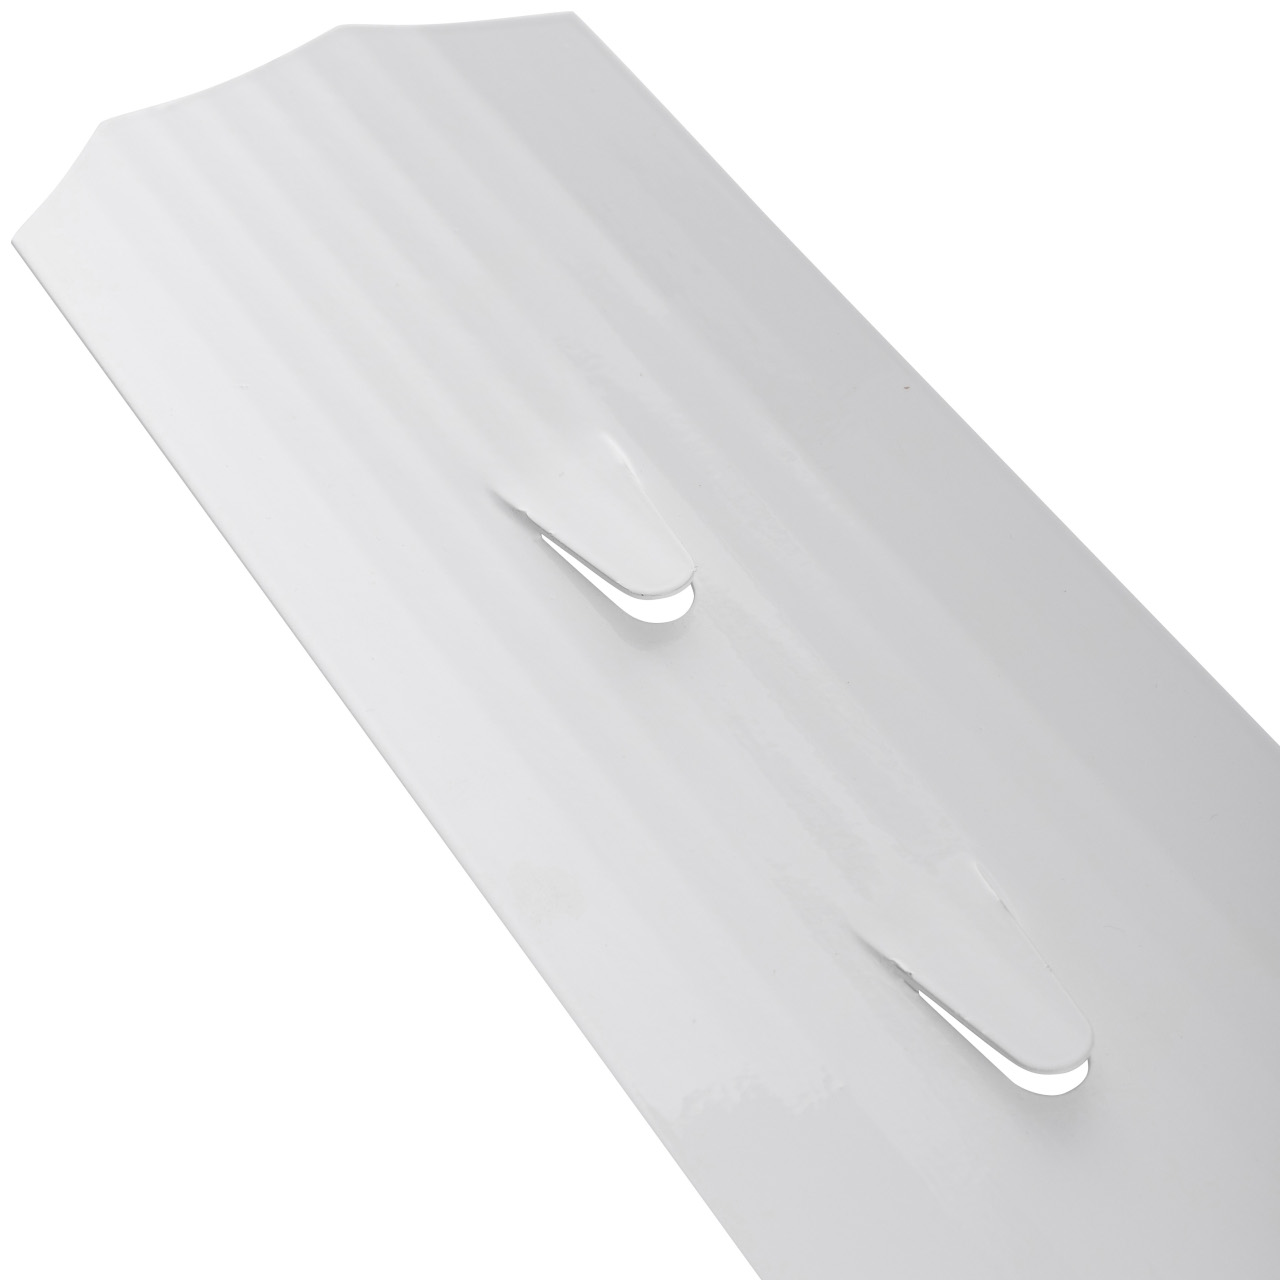 Столбик сигнальный дорожный стилфлекс с прямым верхом с пленкой вид нижней части